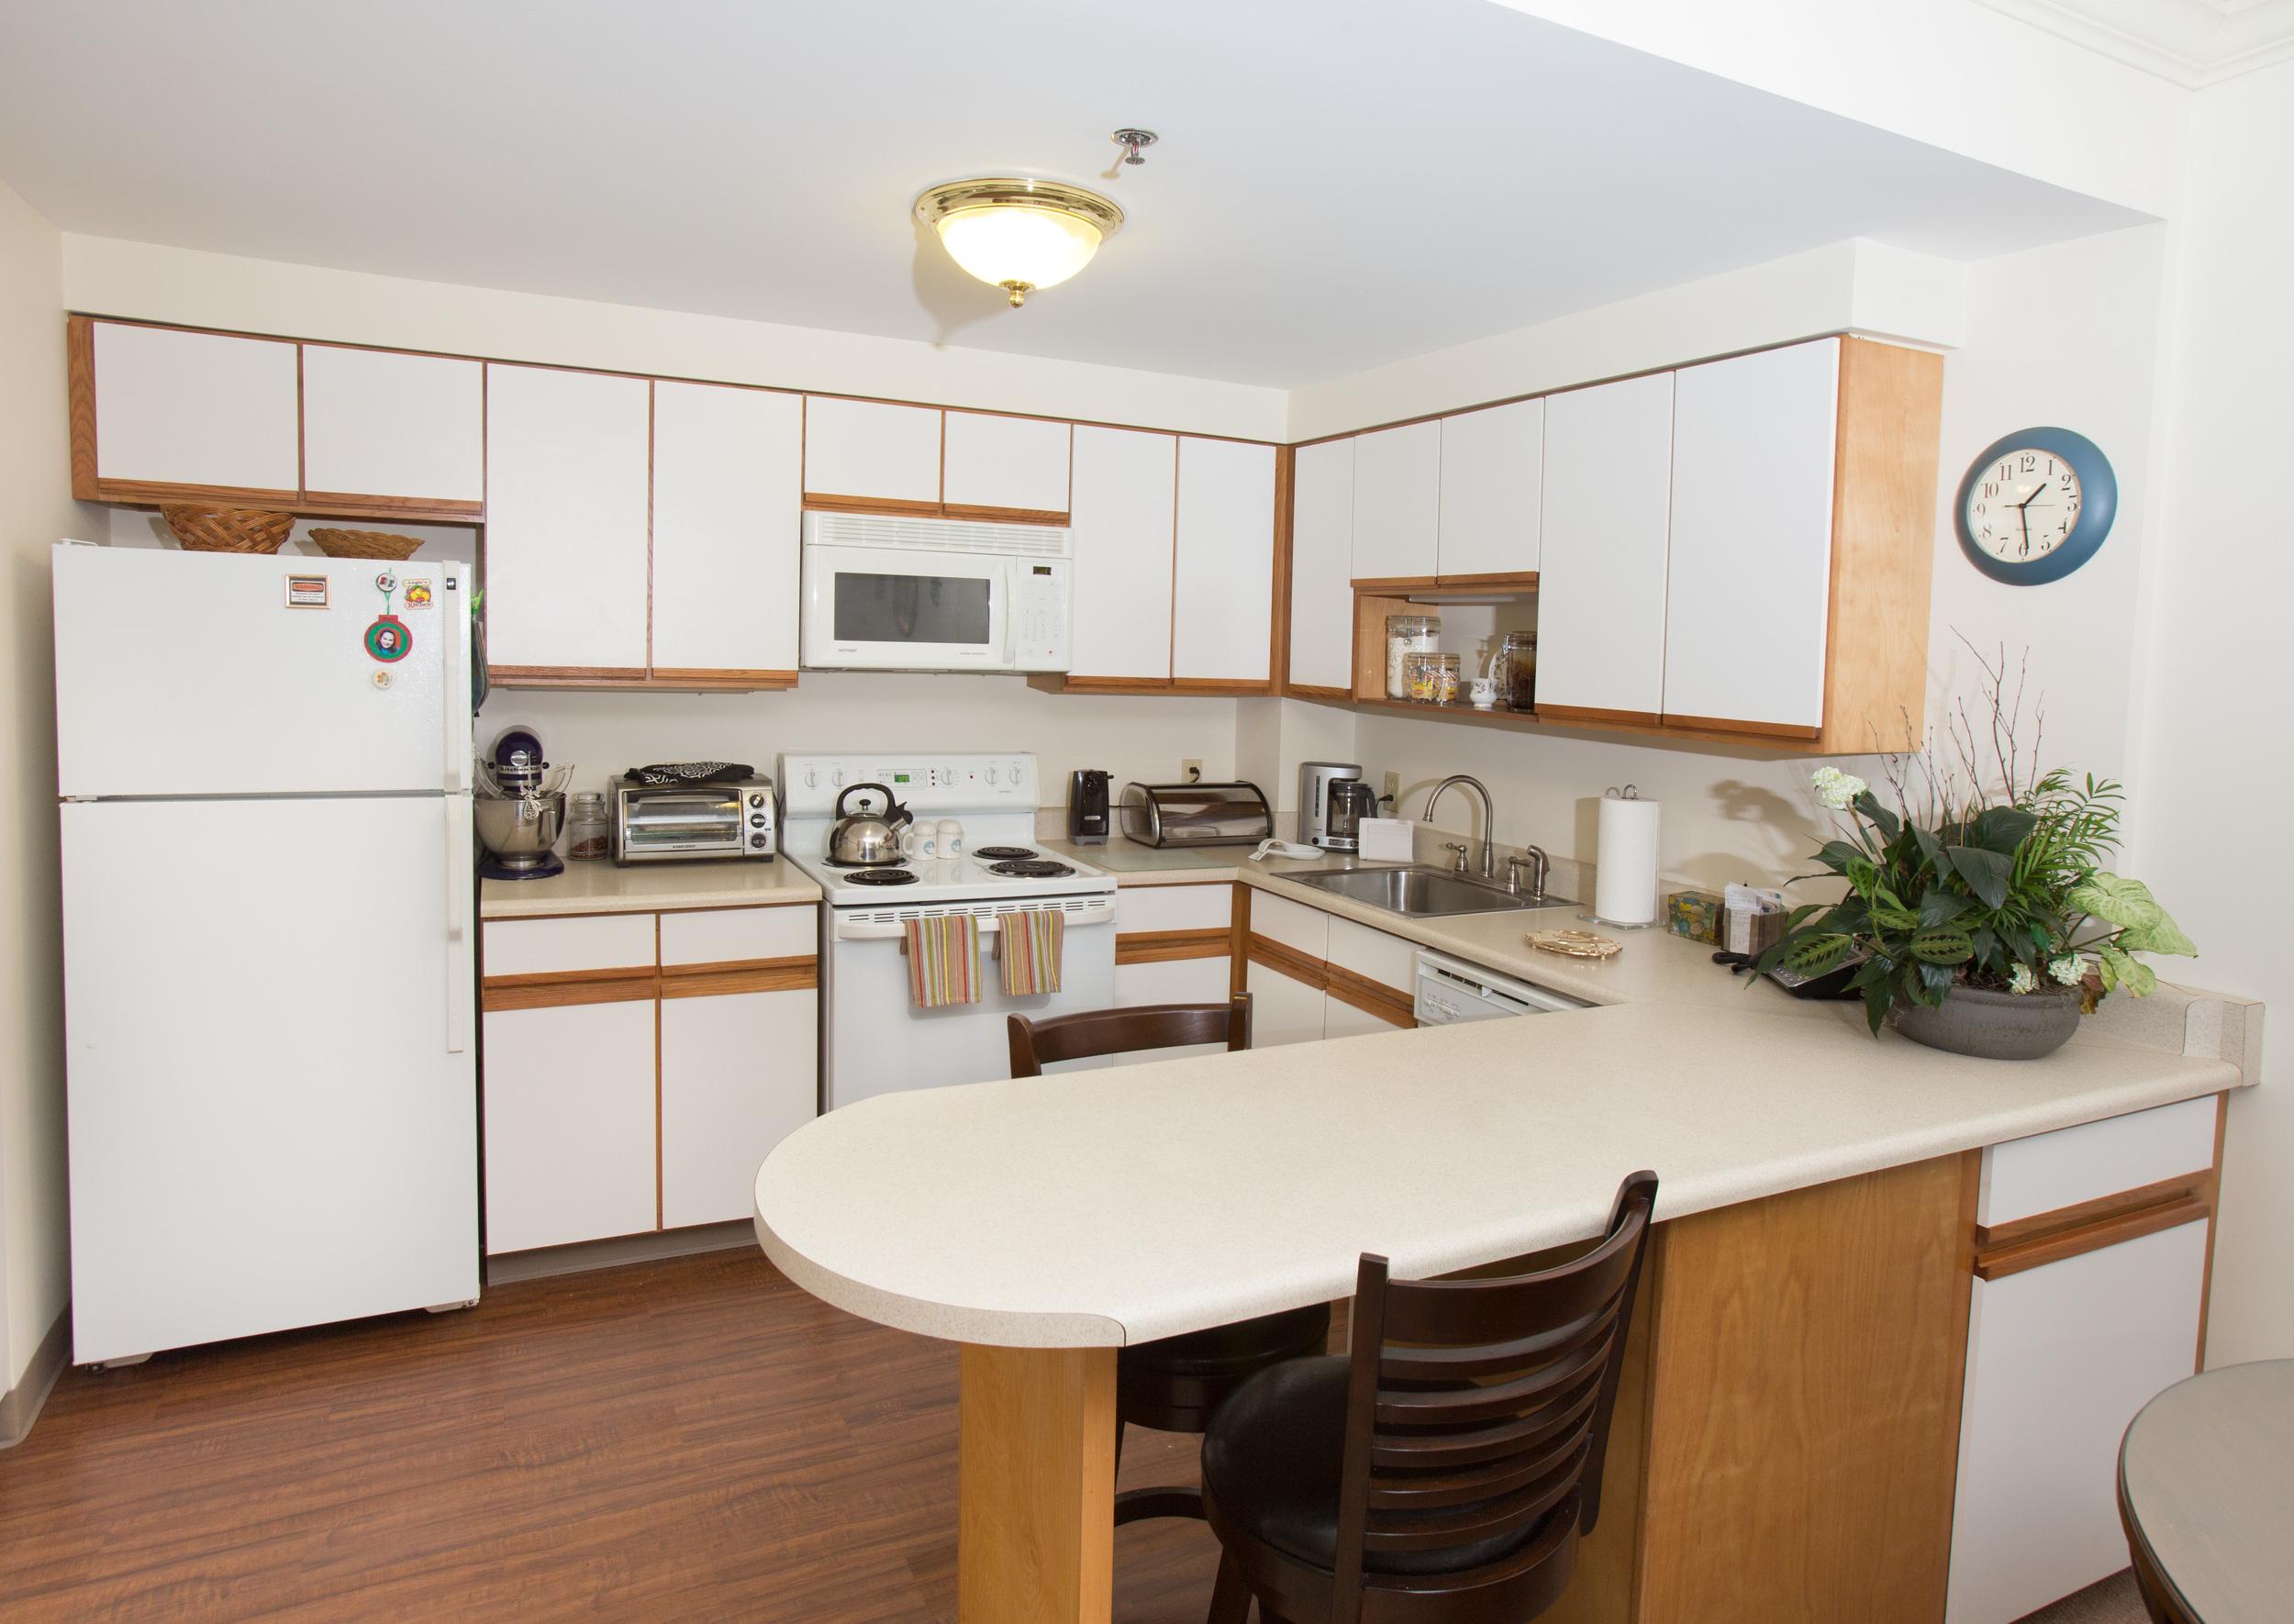 pent-kitchen_3788-2.jpg